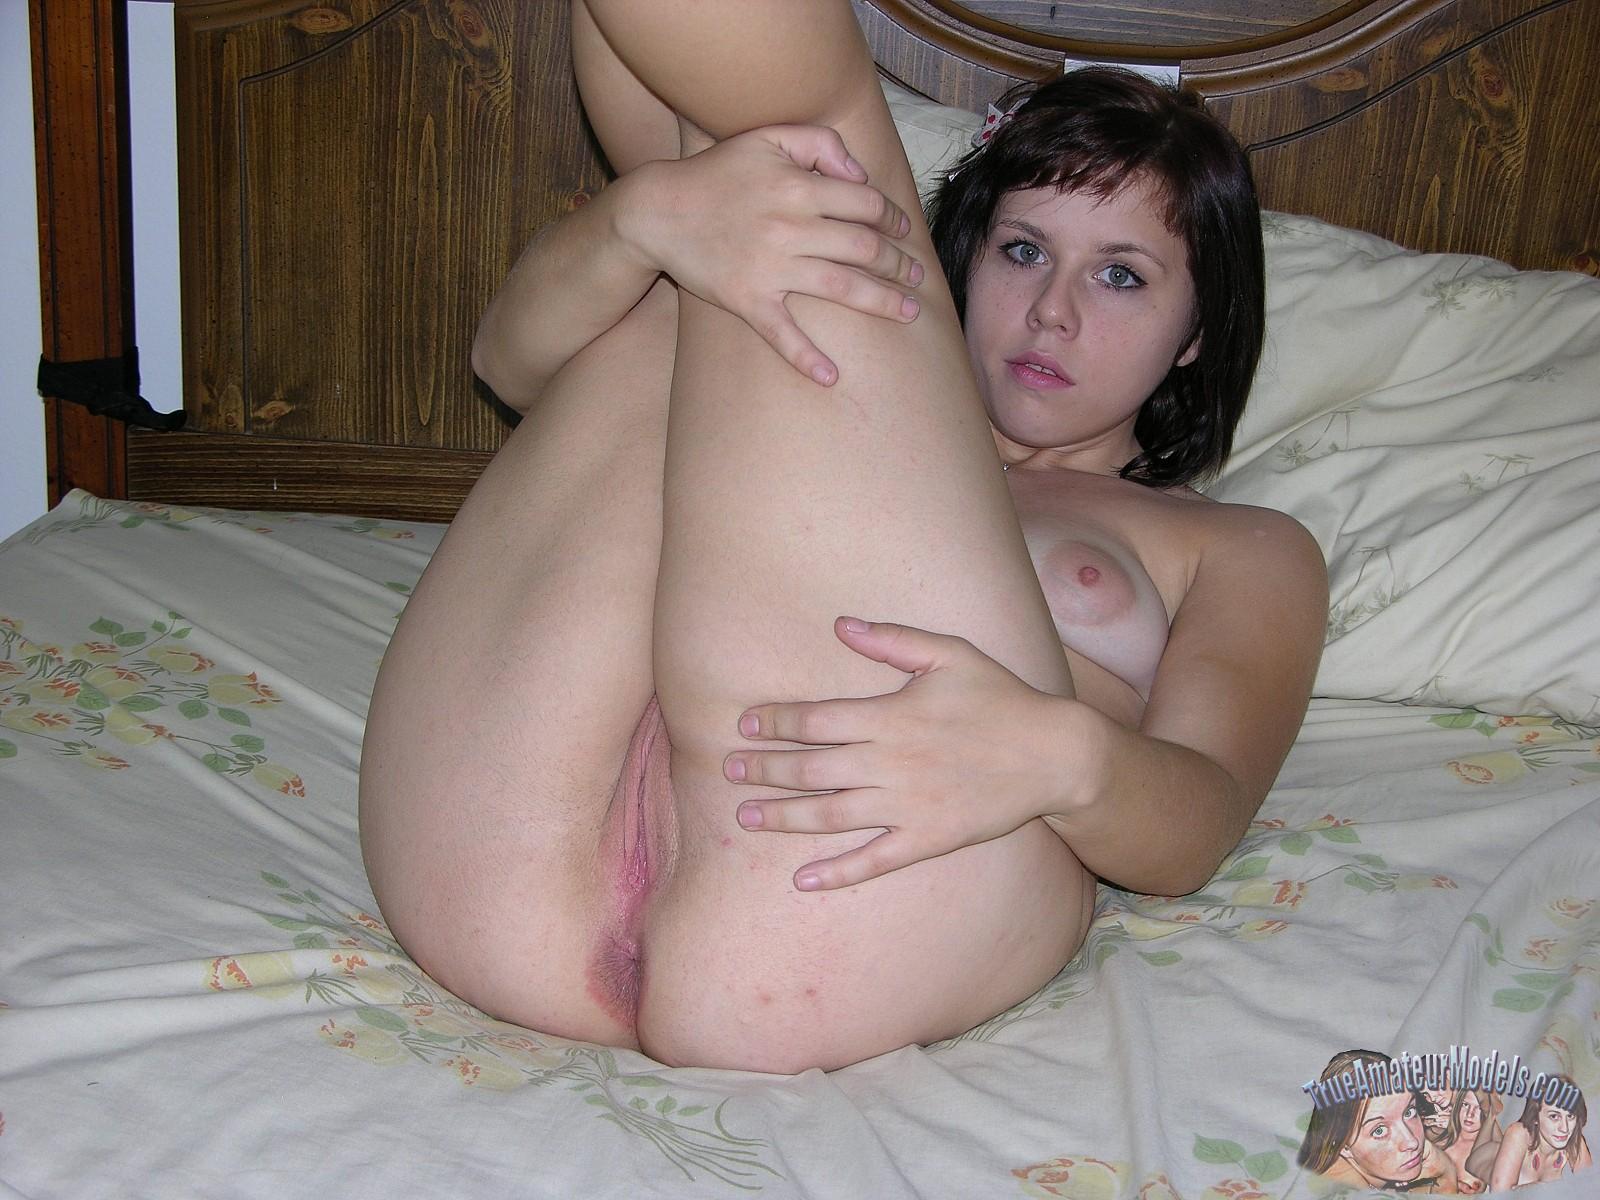 Girls that like anal pleasure